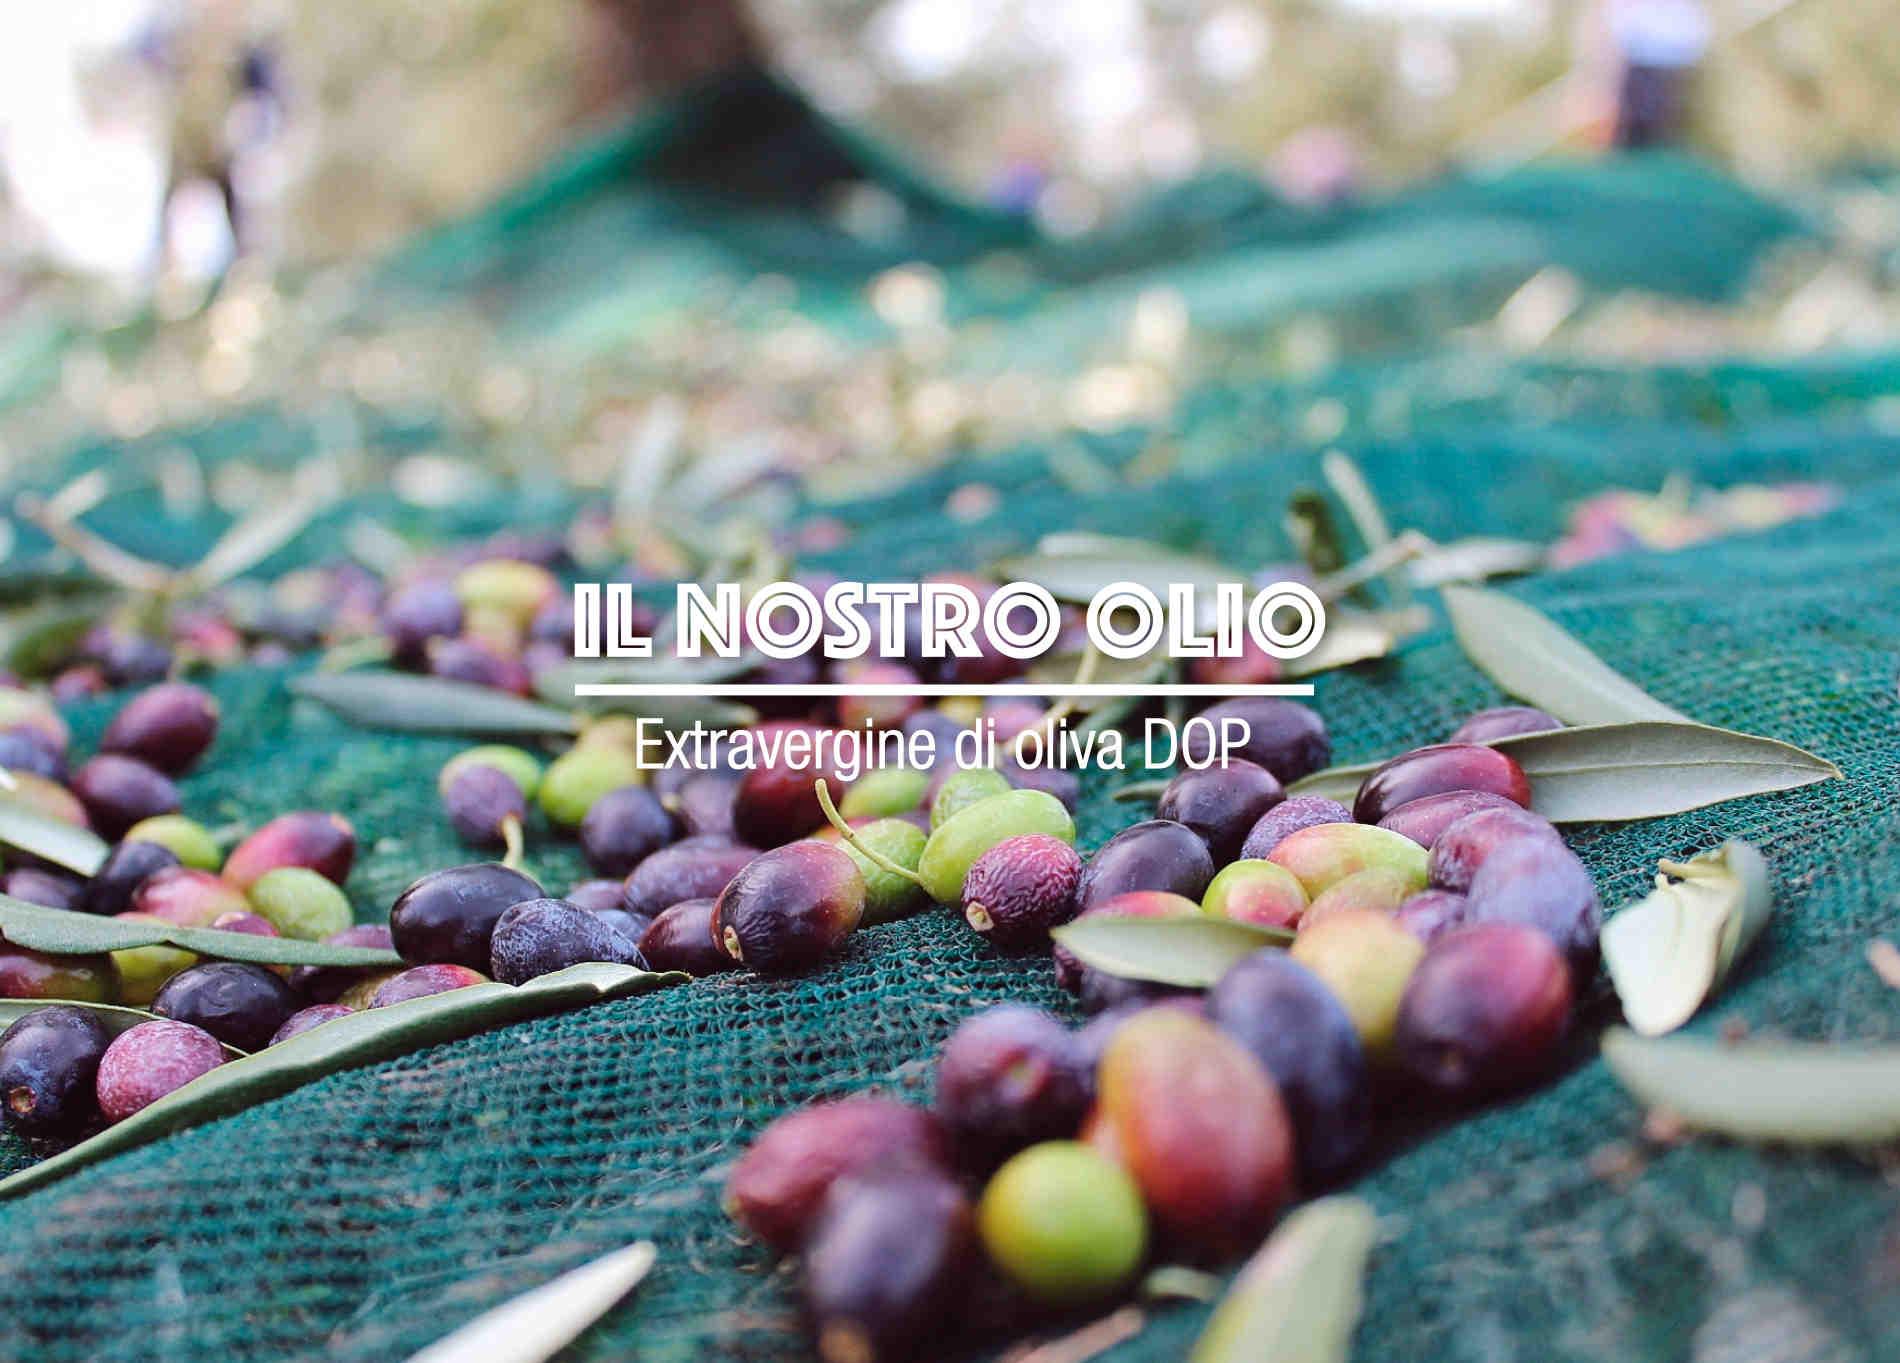 Agricola Marmo - Il nostro olio